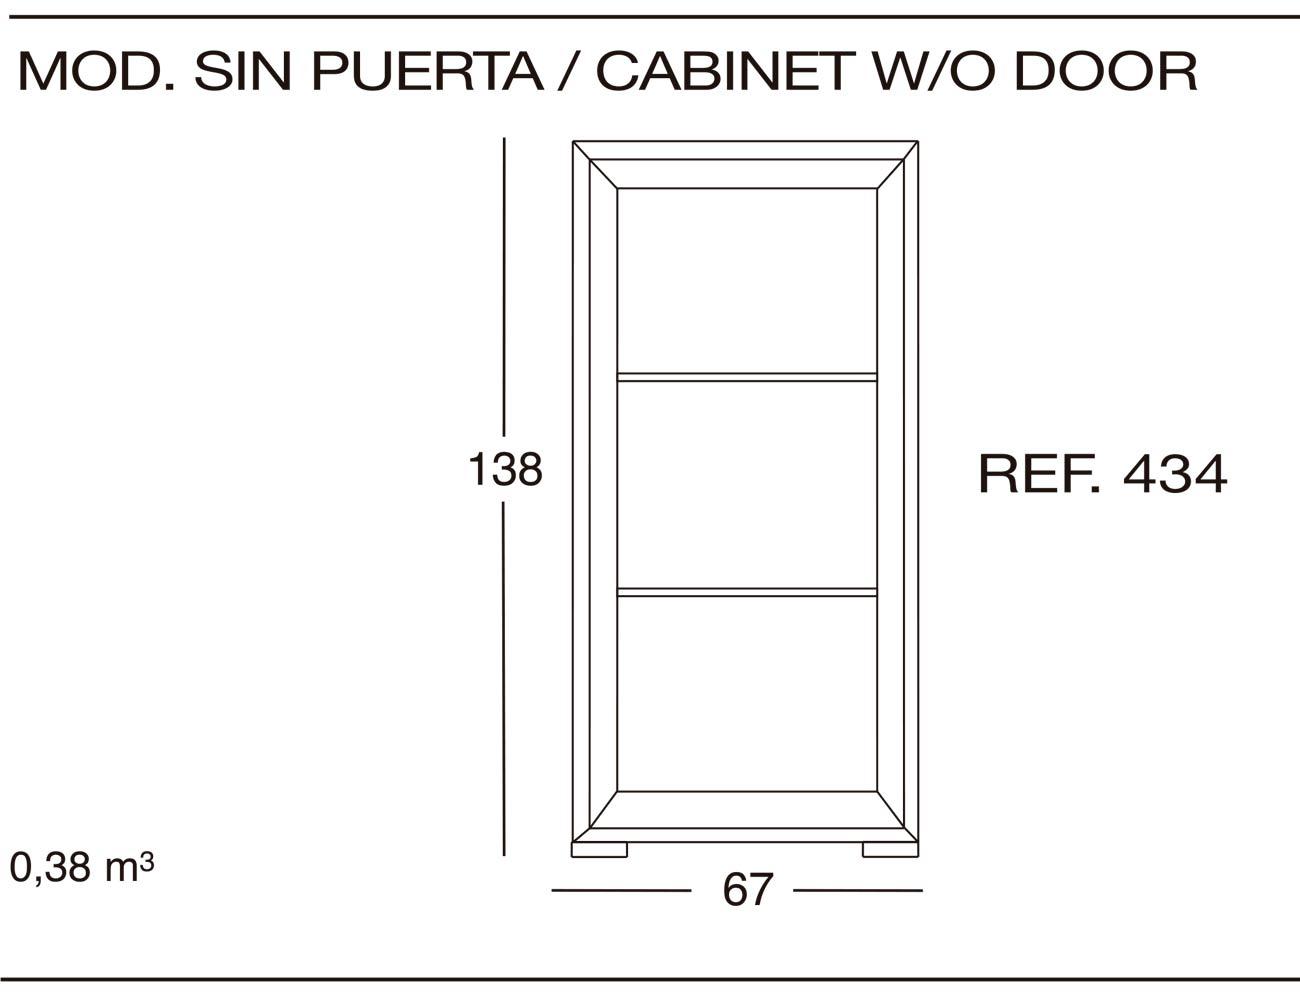 Modulo sin puerta 434